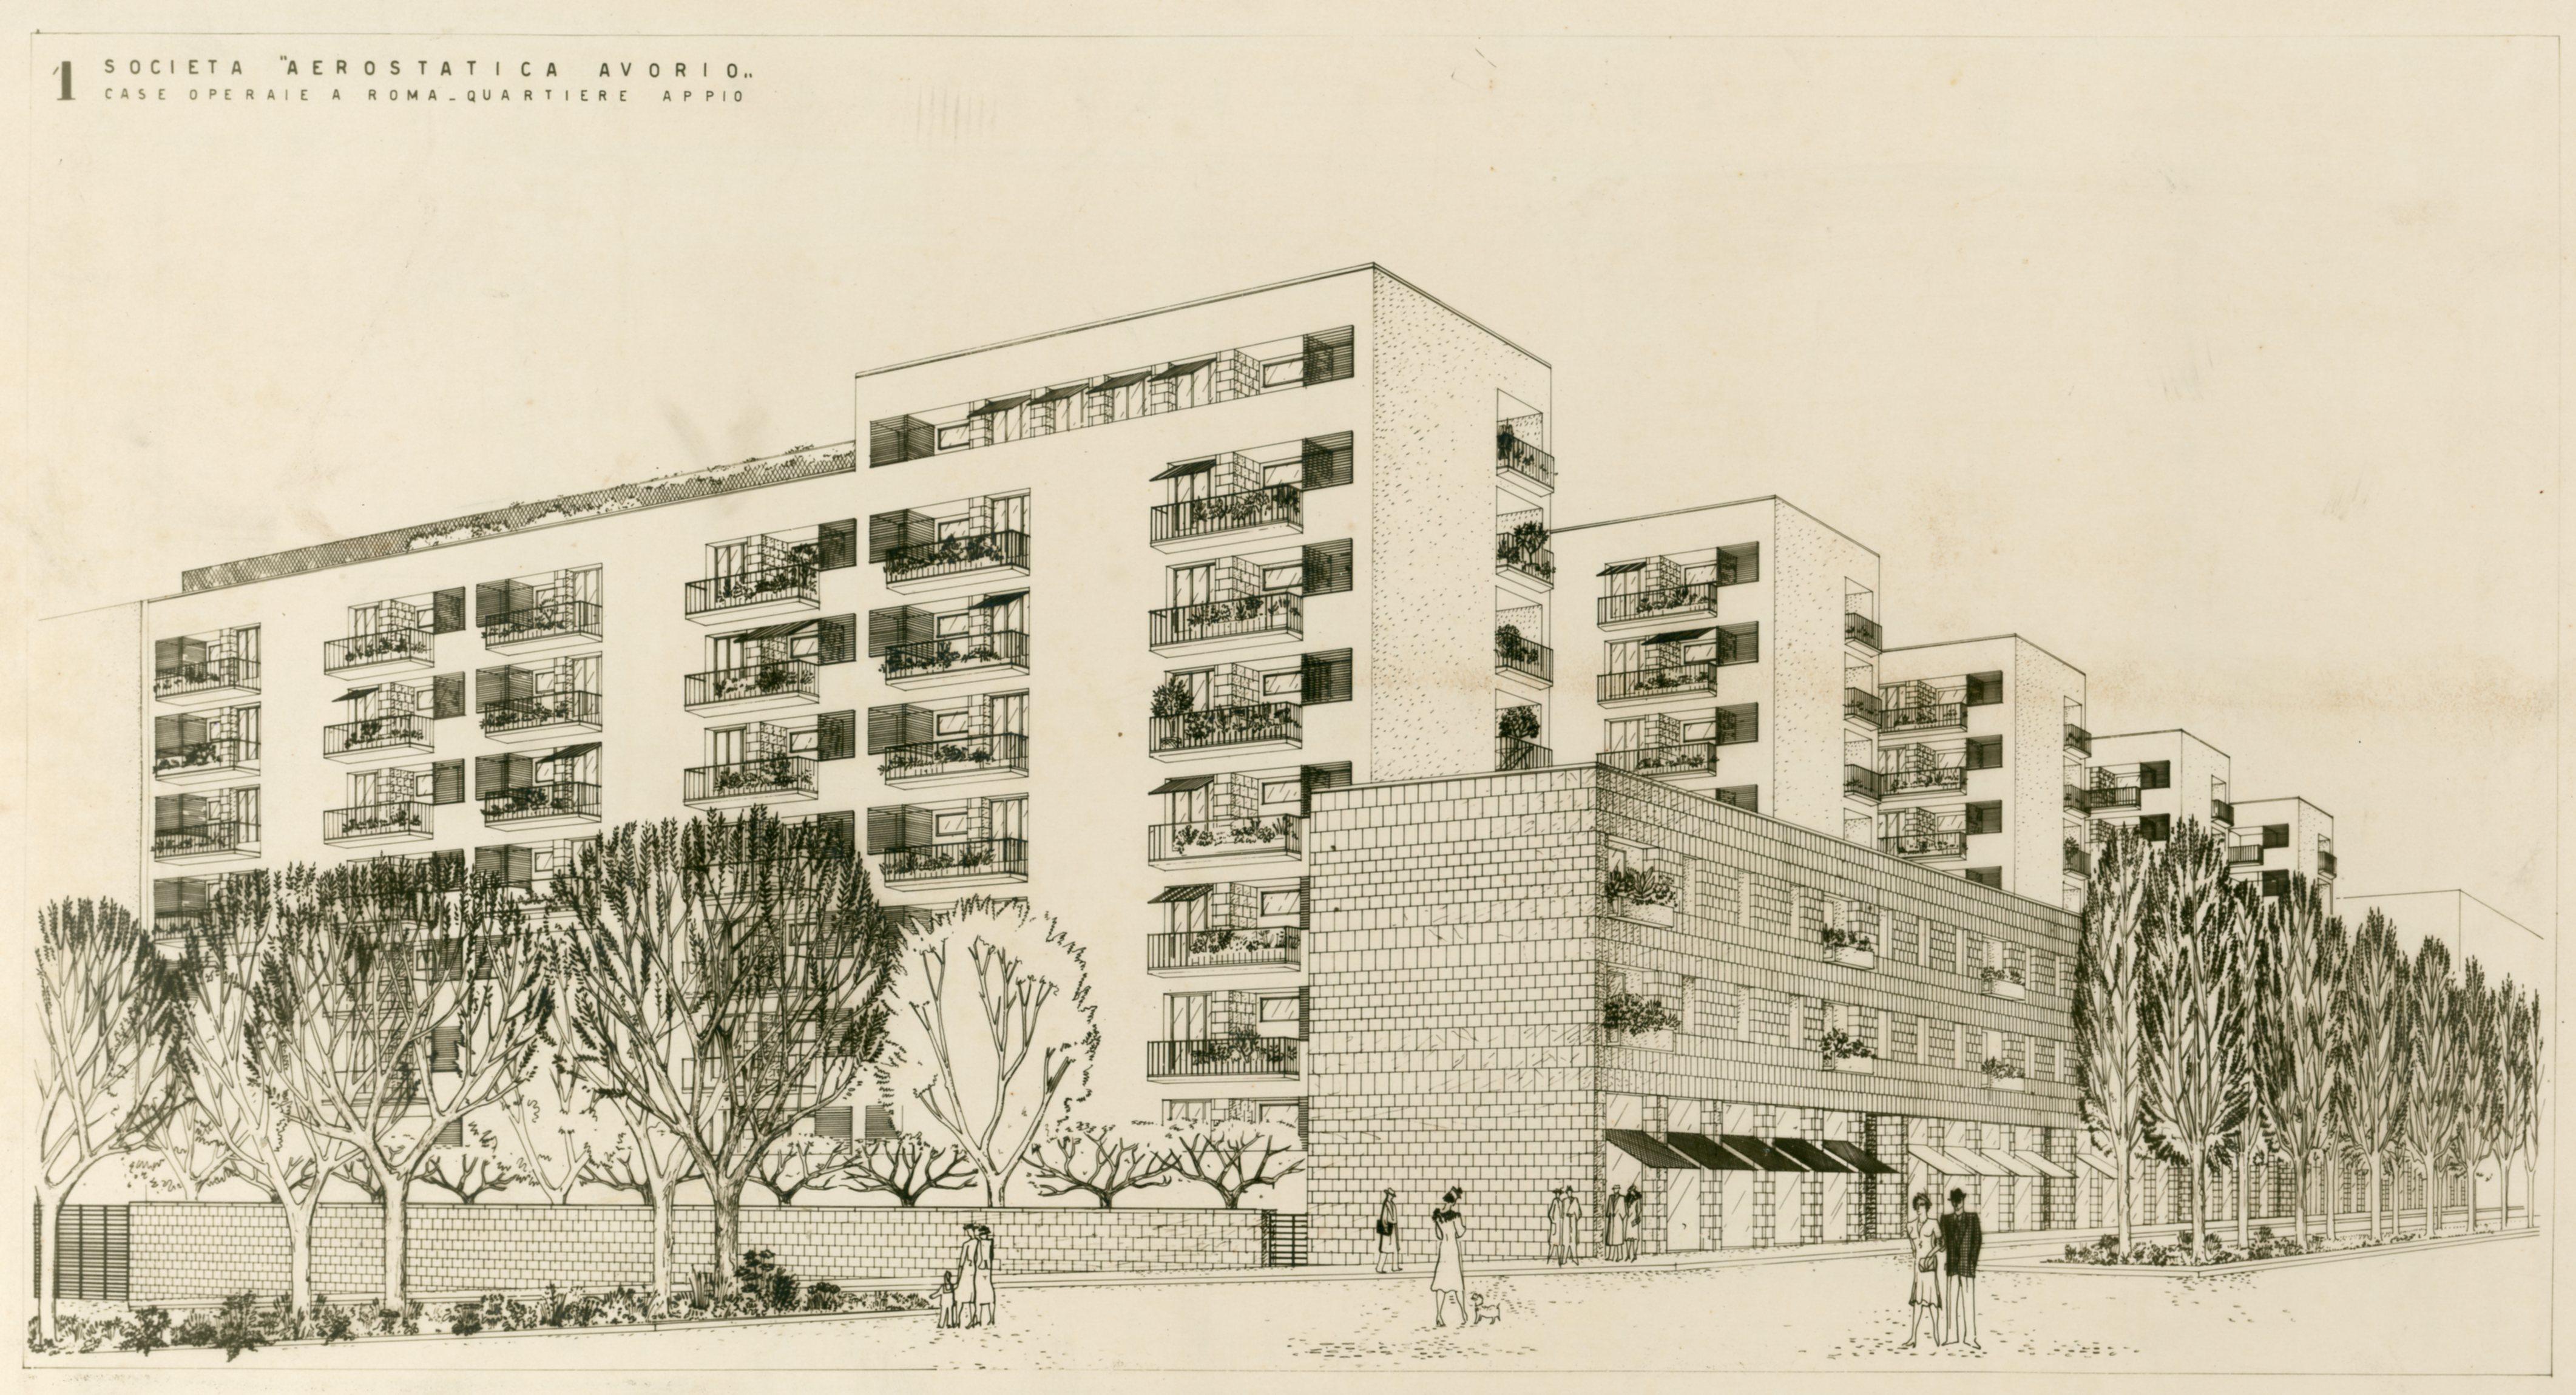 Progetto di case operaie nel quartiere S. Giovanni, Roma